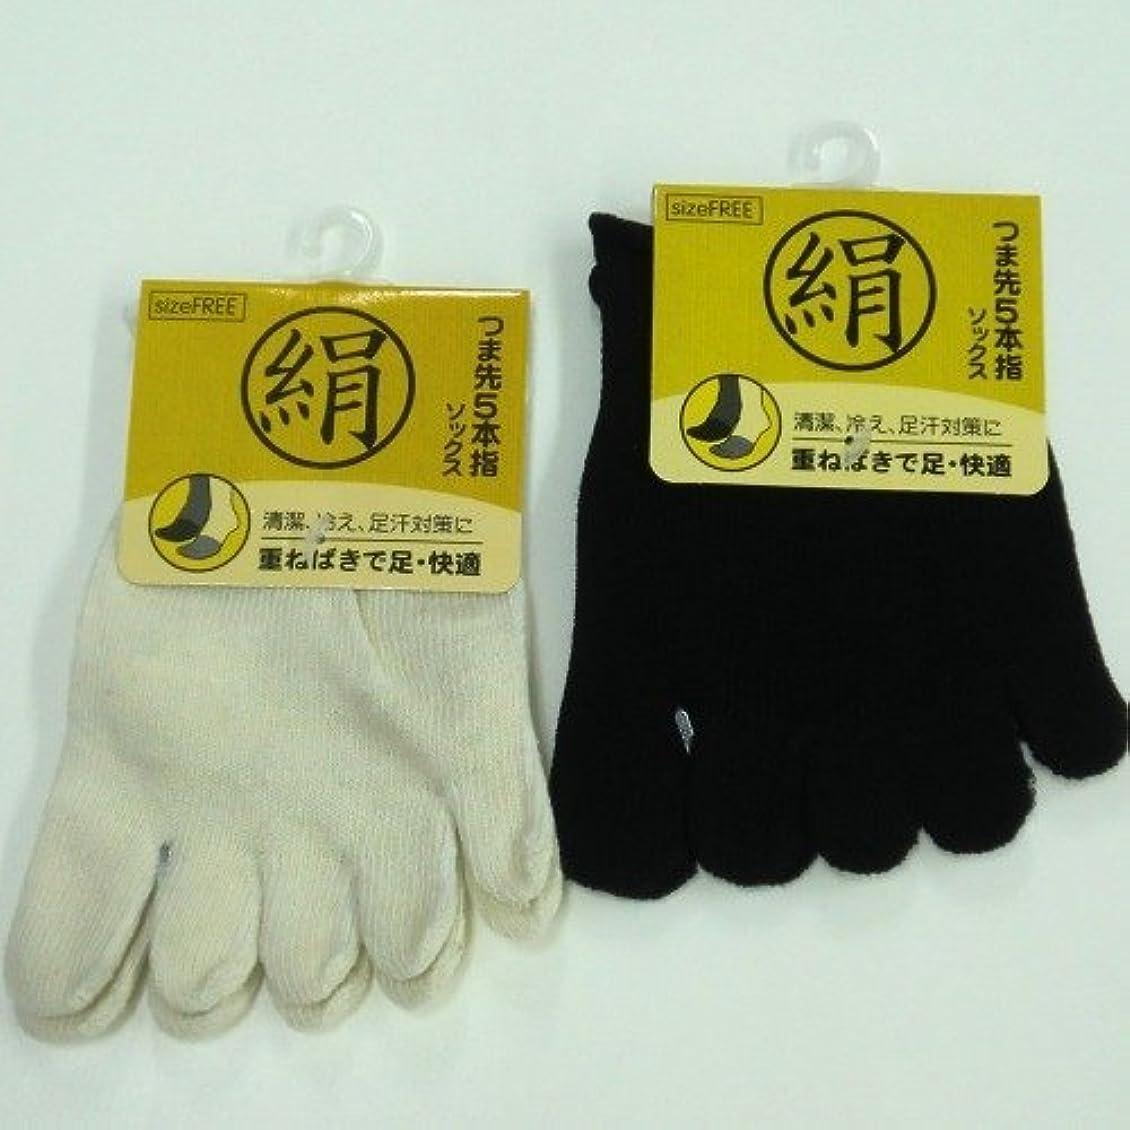 サンプル後世からに変化するシルク 5本指ハーフソックス 足指カバー 天然素材絹で抗菌防臭 3足組 (色はお任せ)